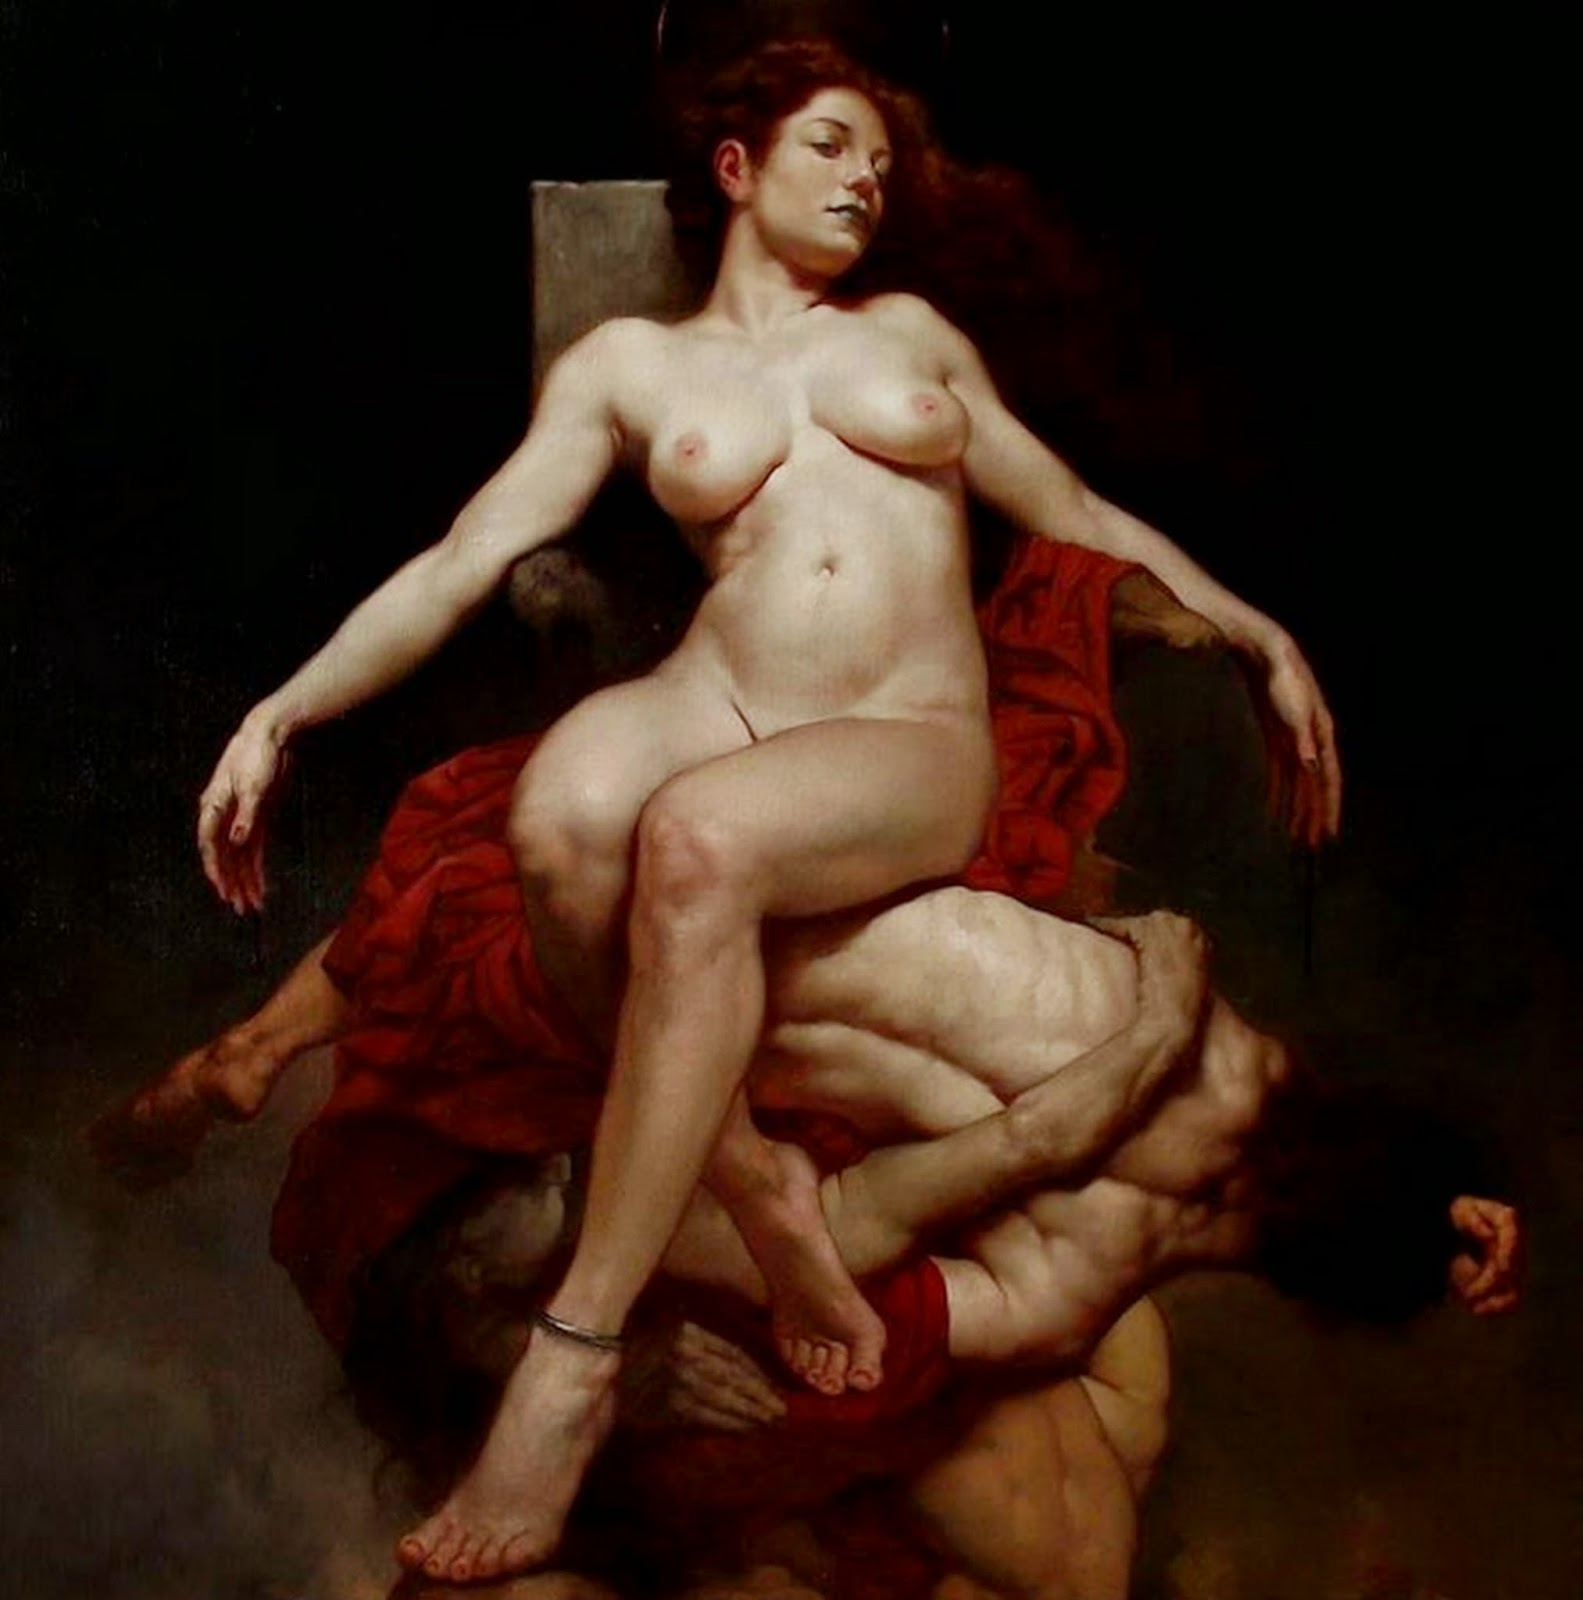 denudos-artisticos-surrealismo-oleo